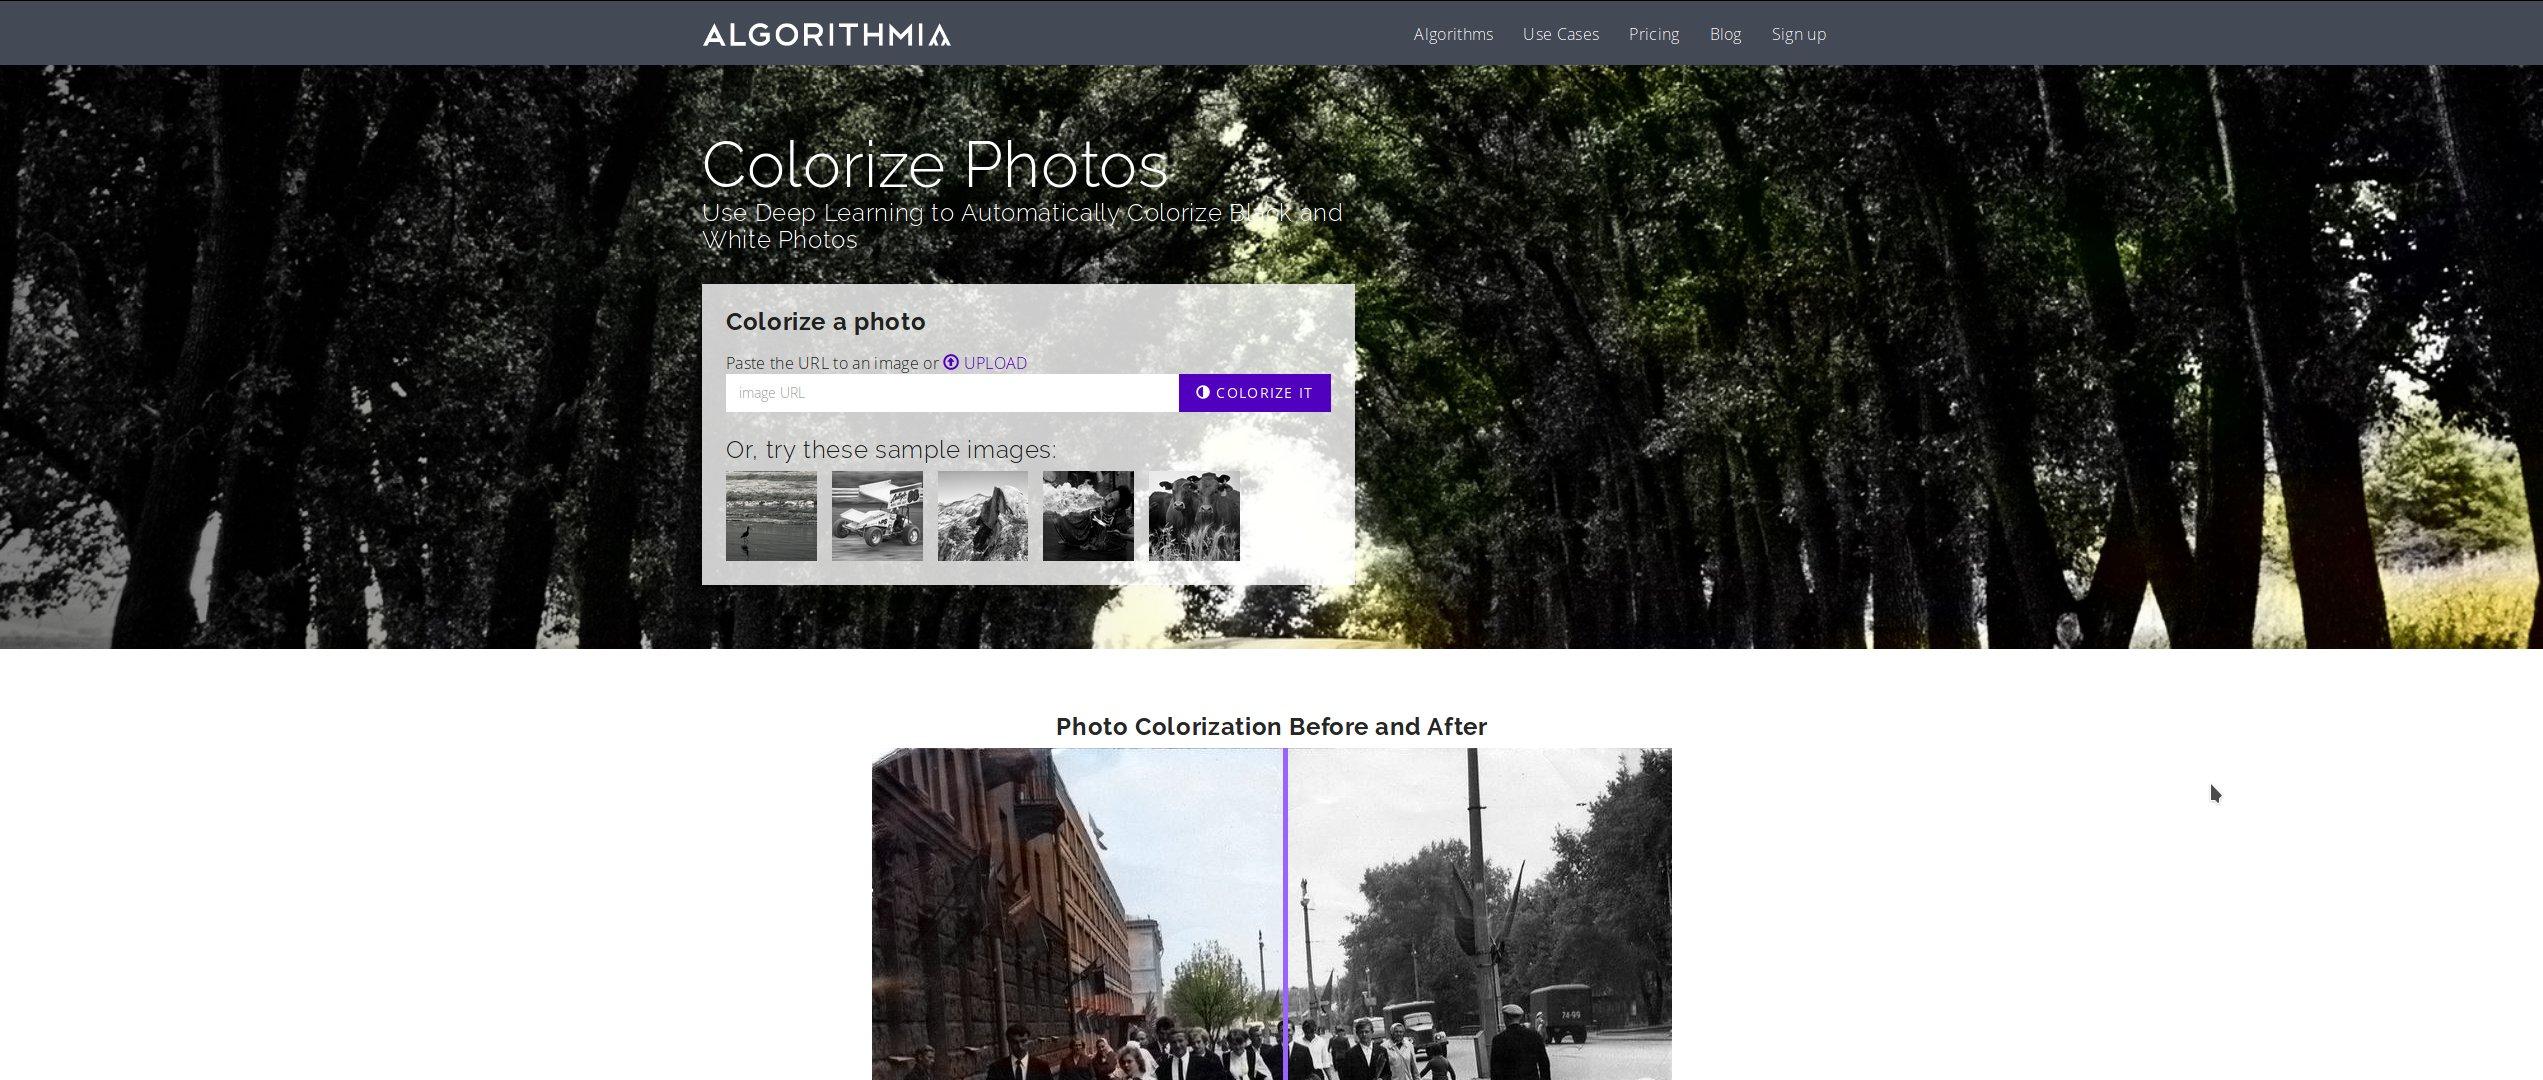 Algorithmia раскрашивает чёрно-белые фотографии